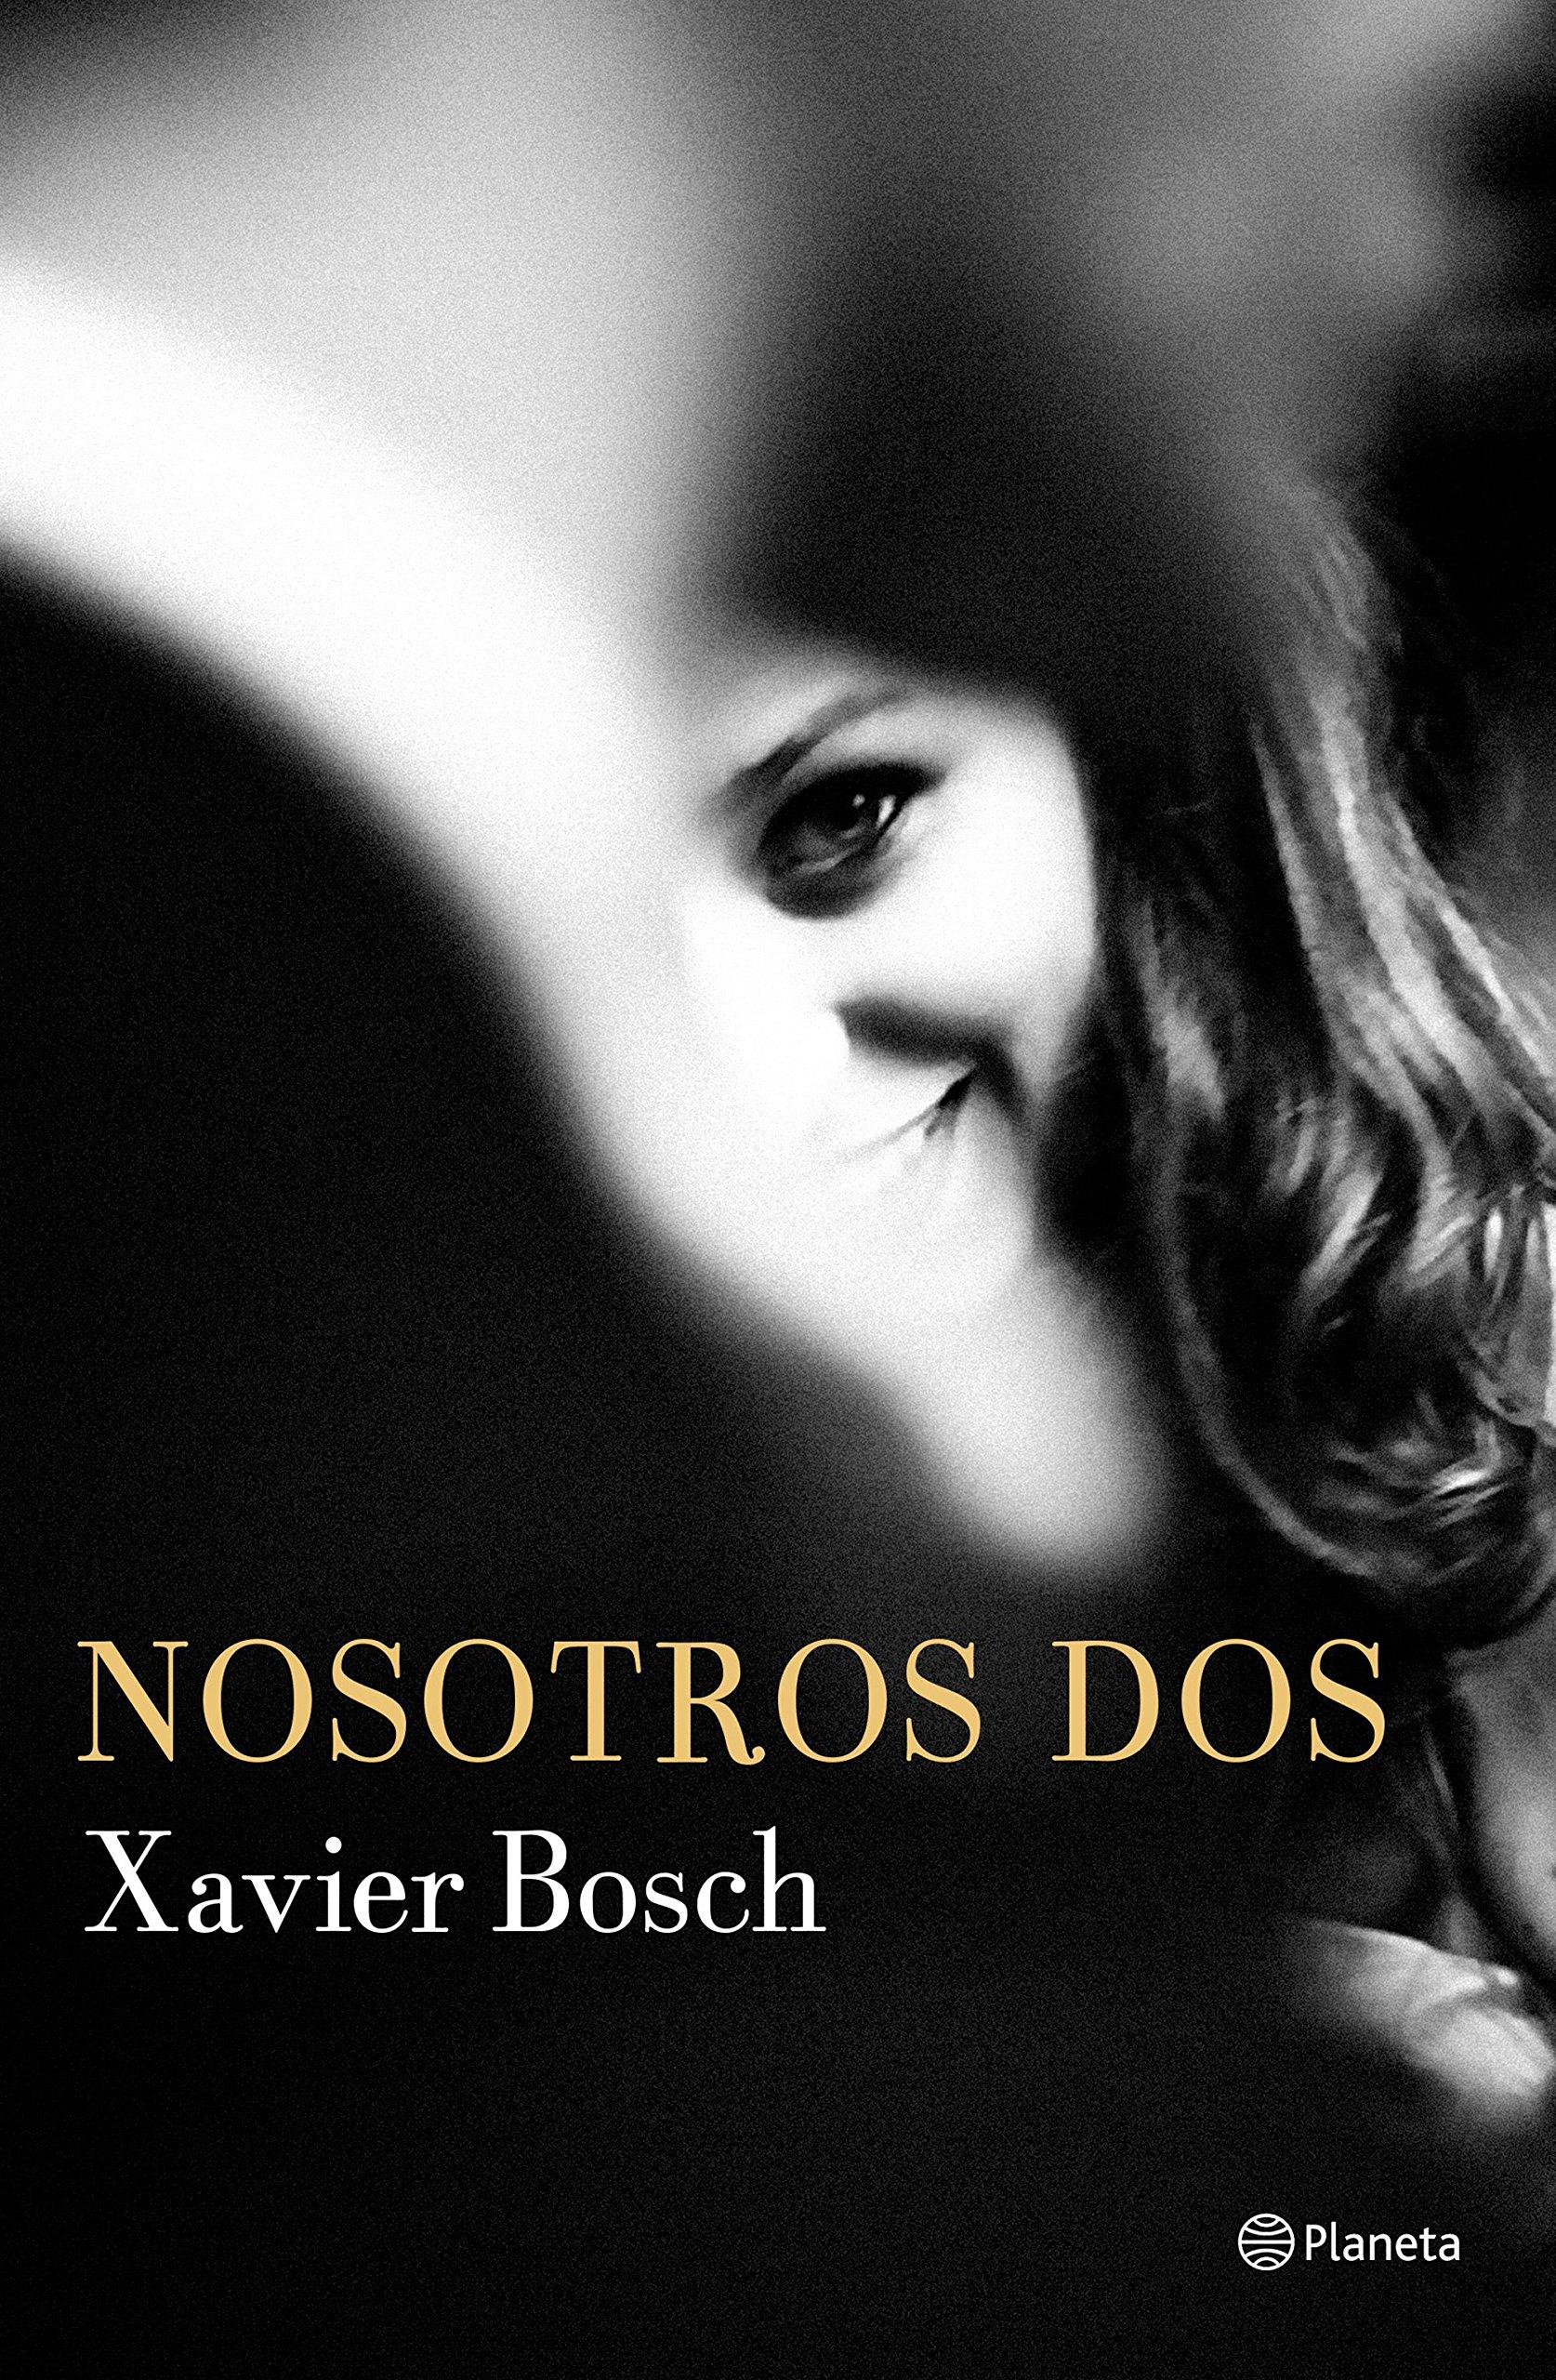 Nosotros dos (Autores Españoles e Iberoamericanos): Amazon.es: Xavier Bosch,